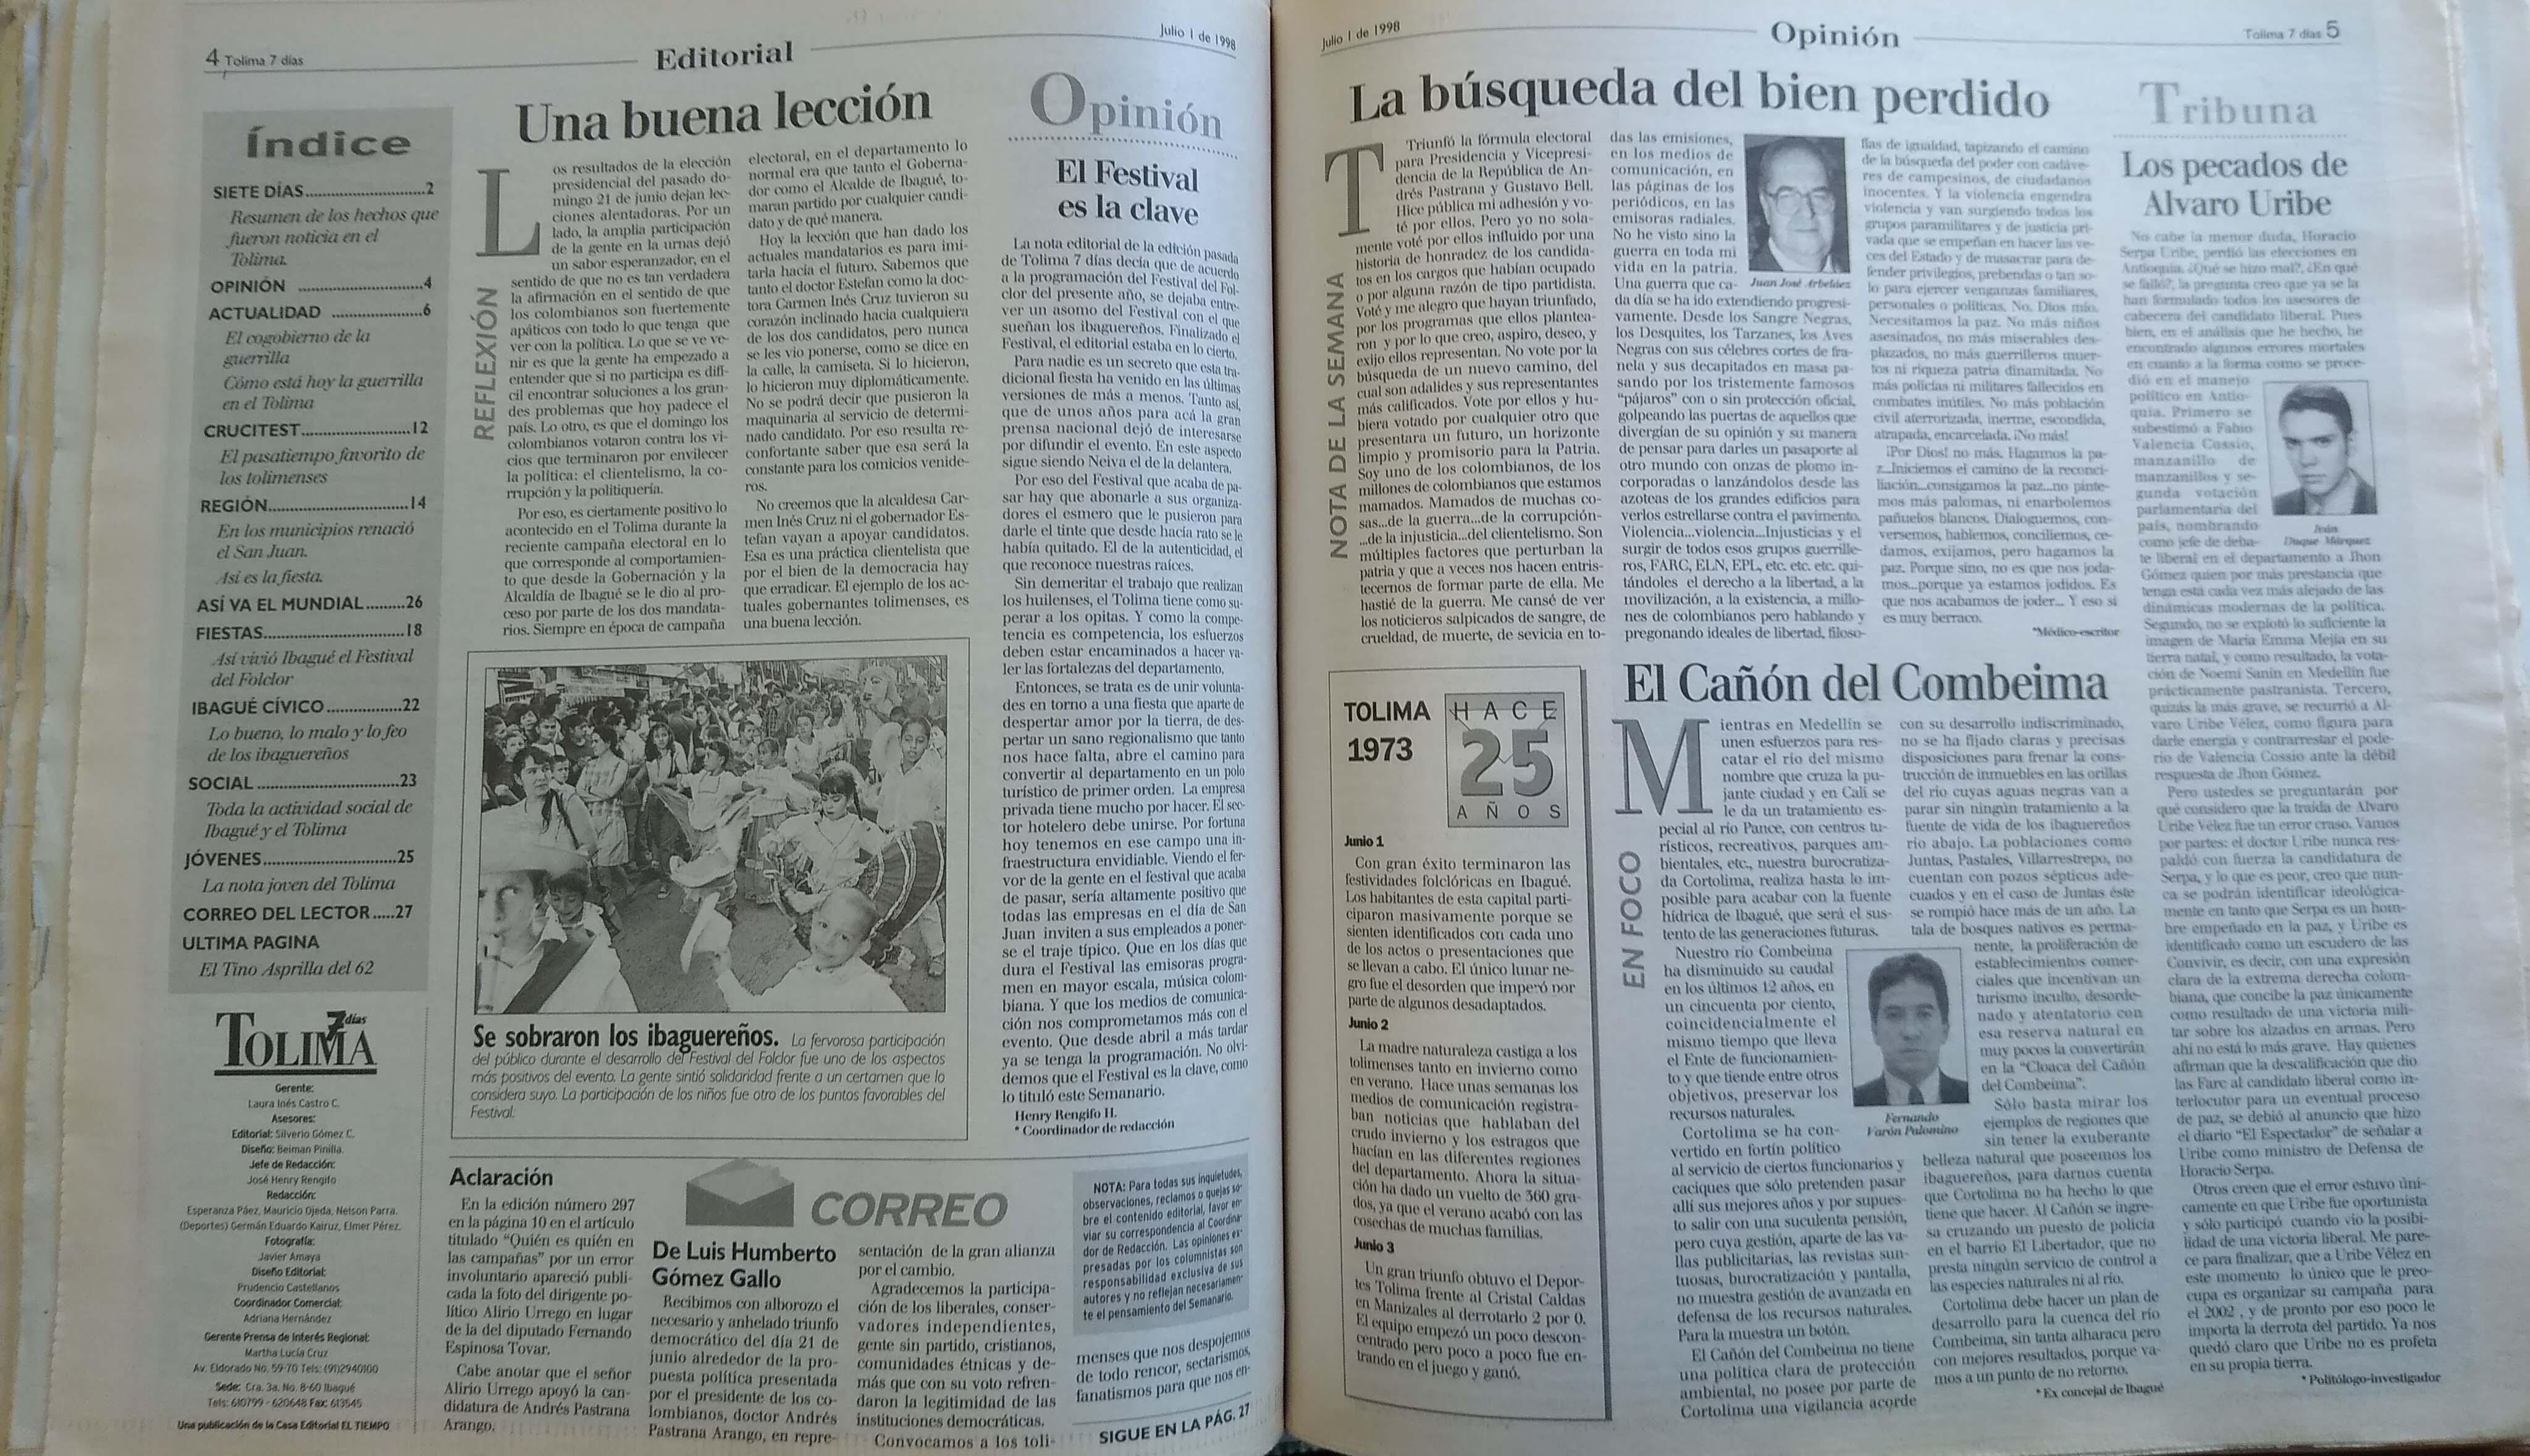 Páginas 4 y 5 de Tolima 7 Días, edición del 1 de julio de 1998